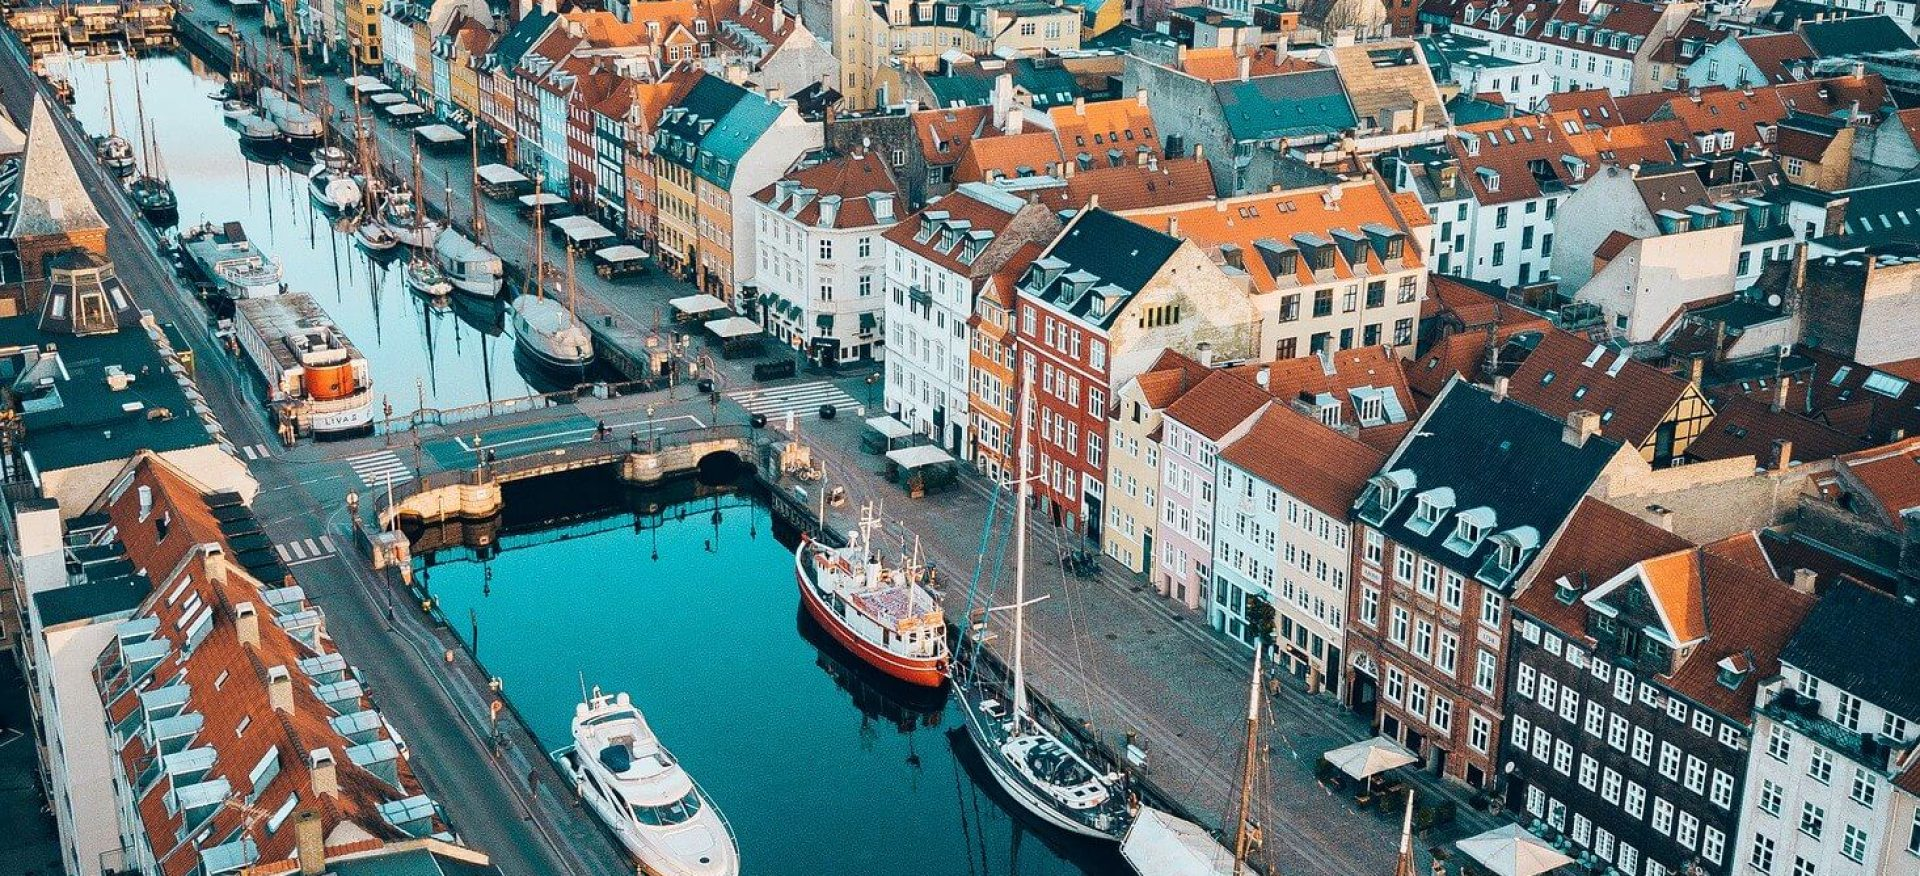 Ταξίδι στην Κοπεγχάγη | Αεροπορικό ταξίδι στη Σκανδιναβία | Prima Holidays